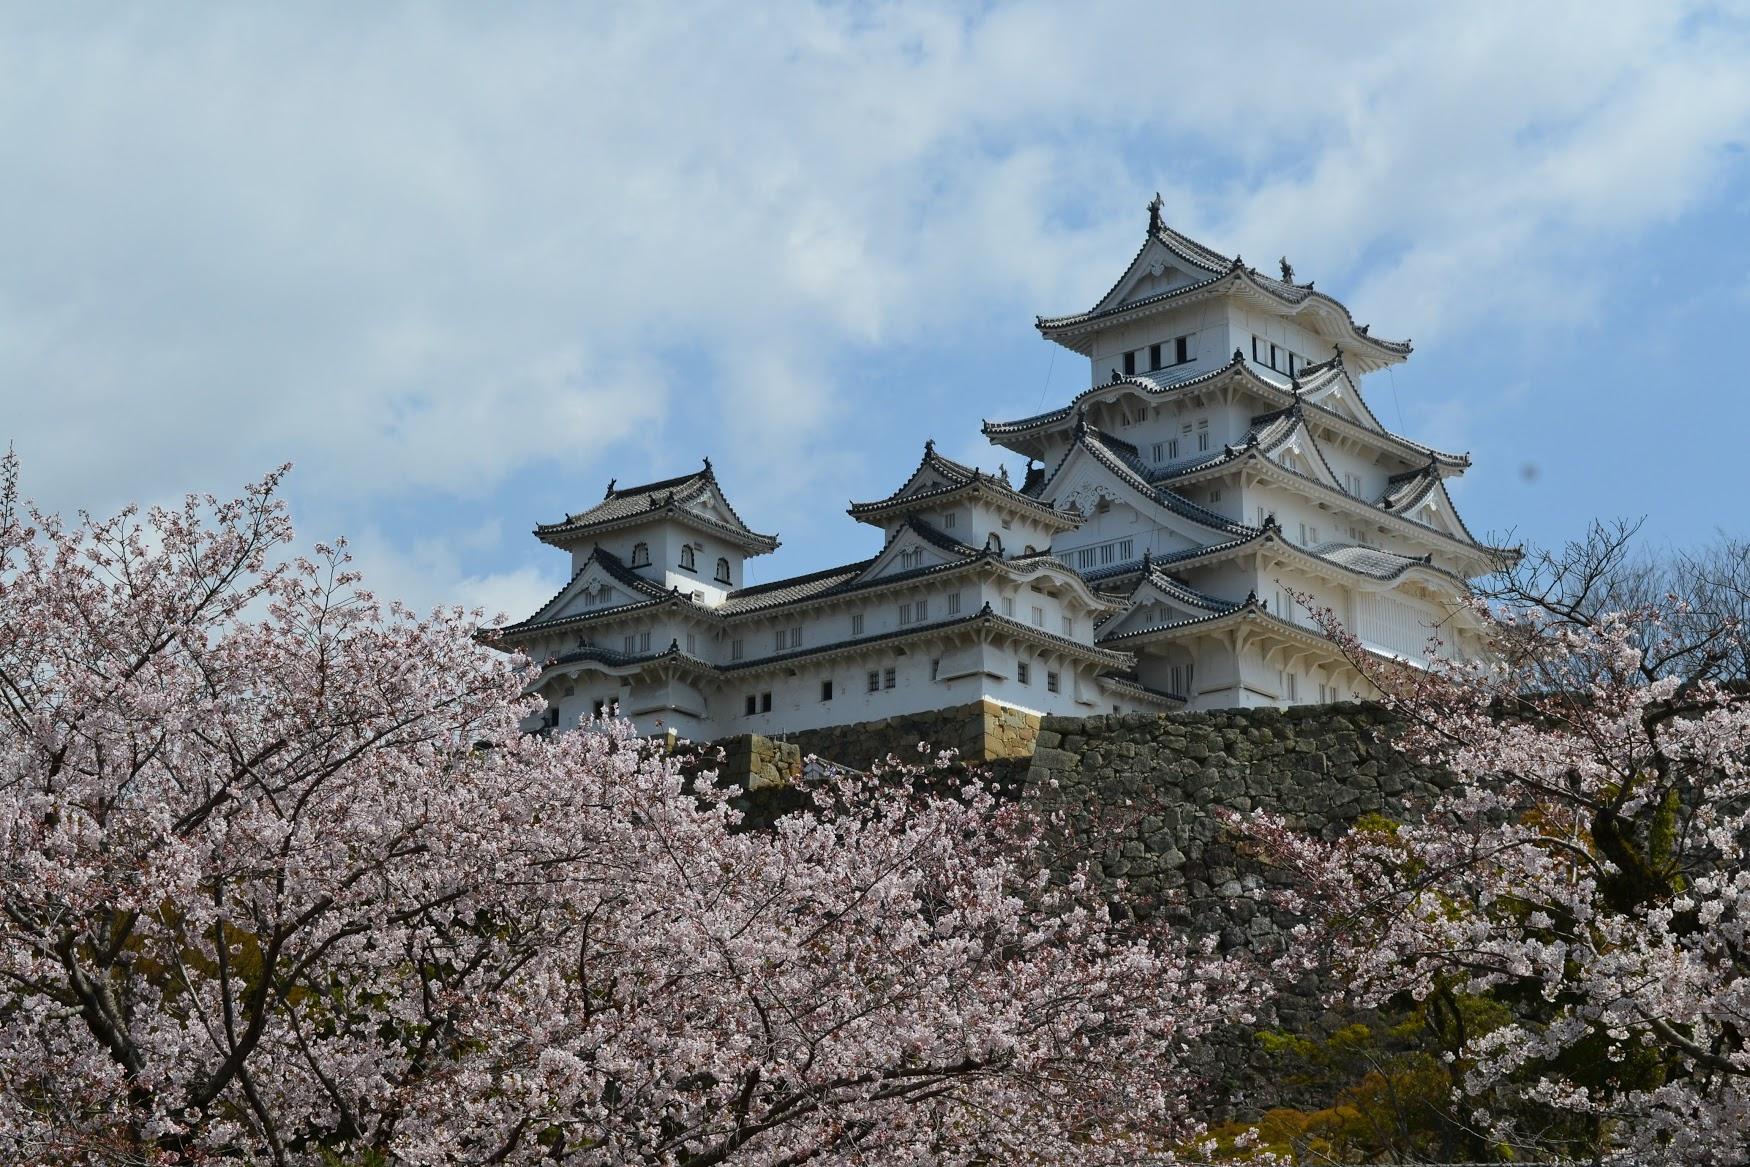 Había que caminar mucho para llegar a la entra principal del Castillo Himeji. Aunque había que caminar mucho, también había muchas flores de  sakura  para ver.